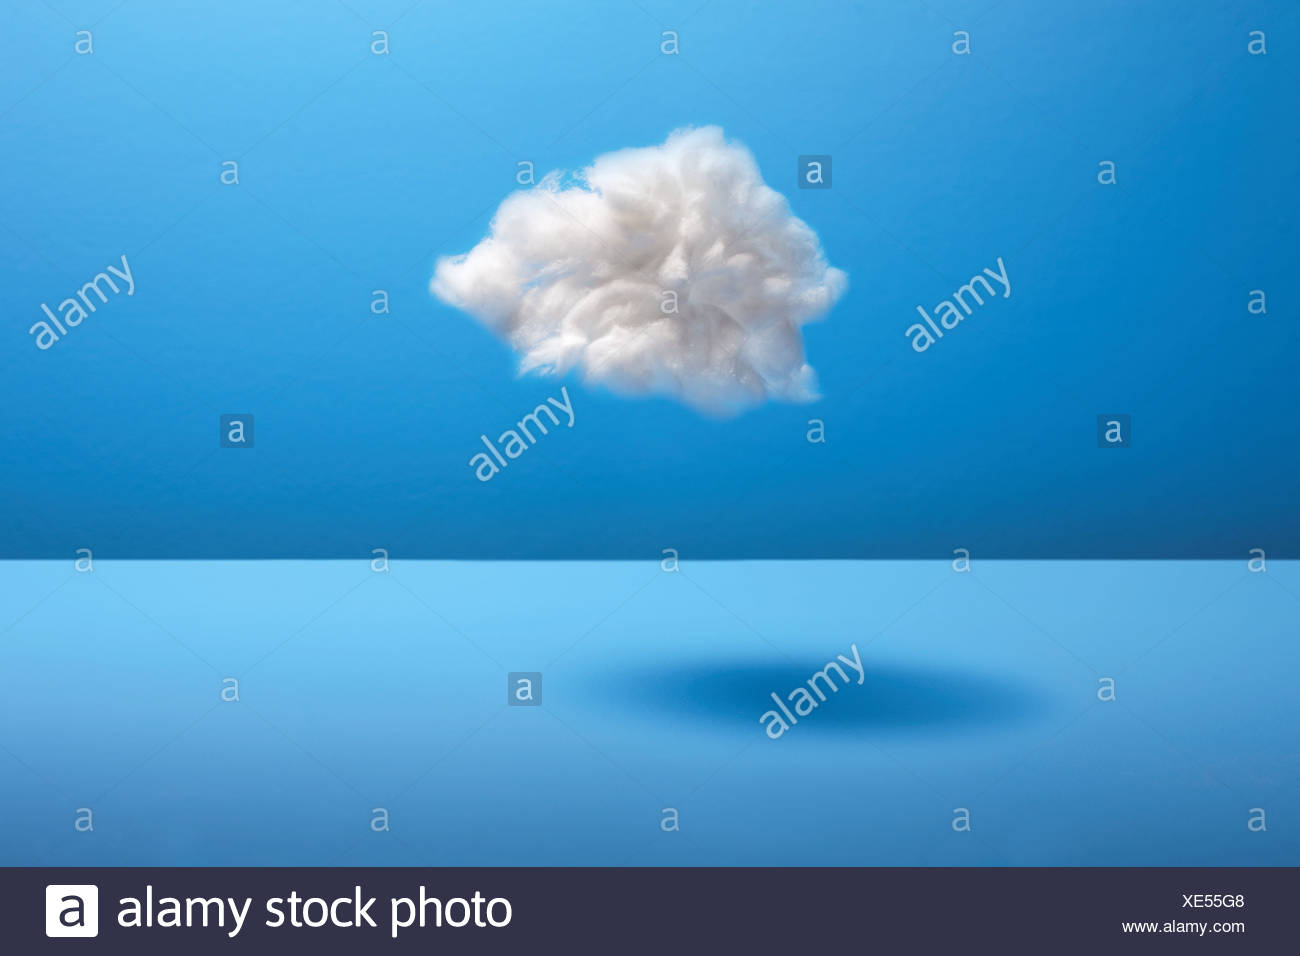 Bola de algodón de nube azul contra el telón de fondo Imagen De Stock